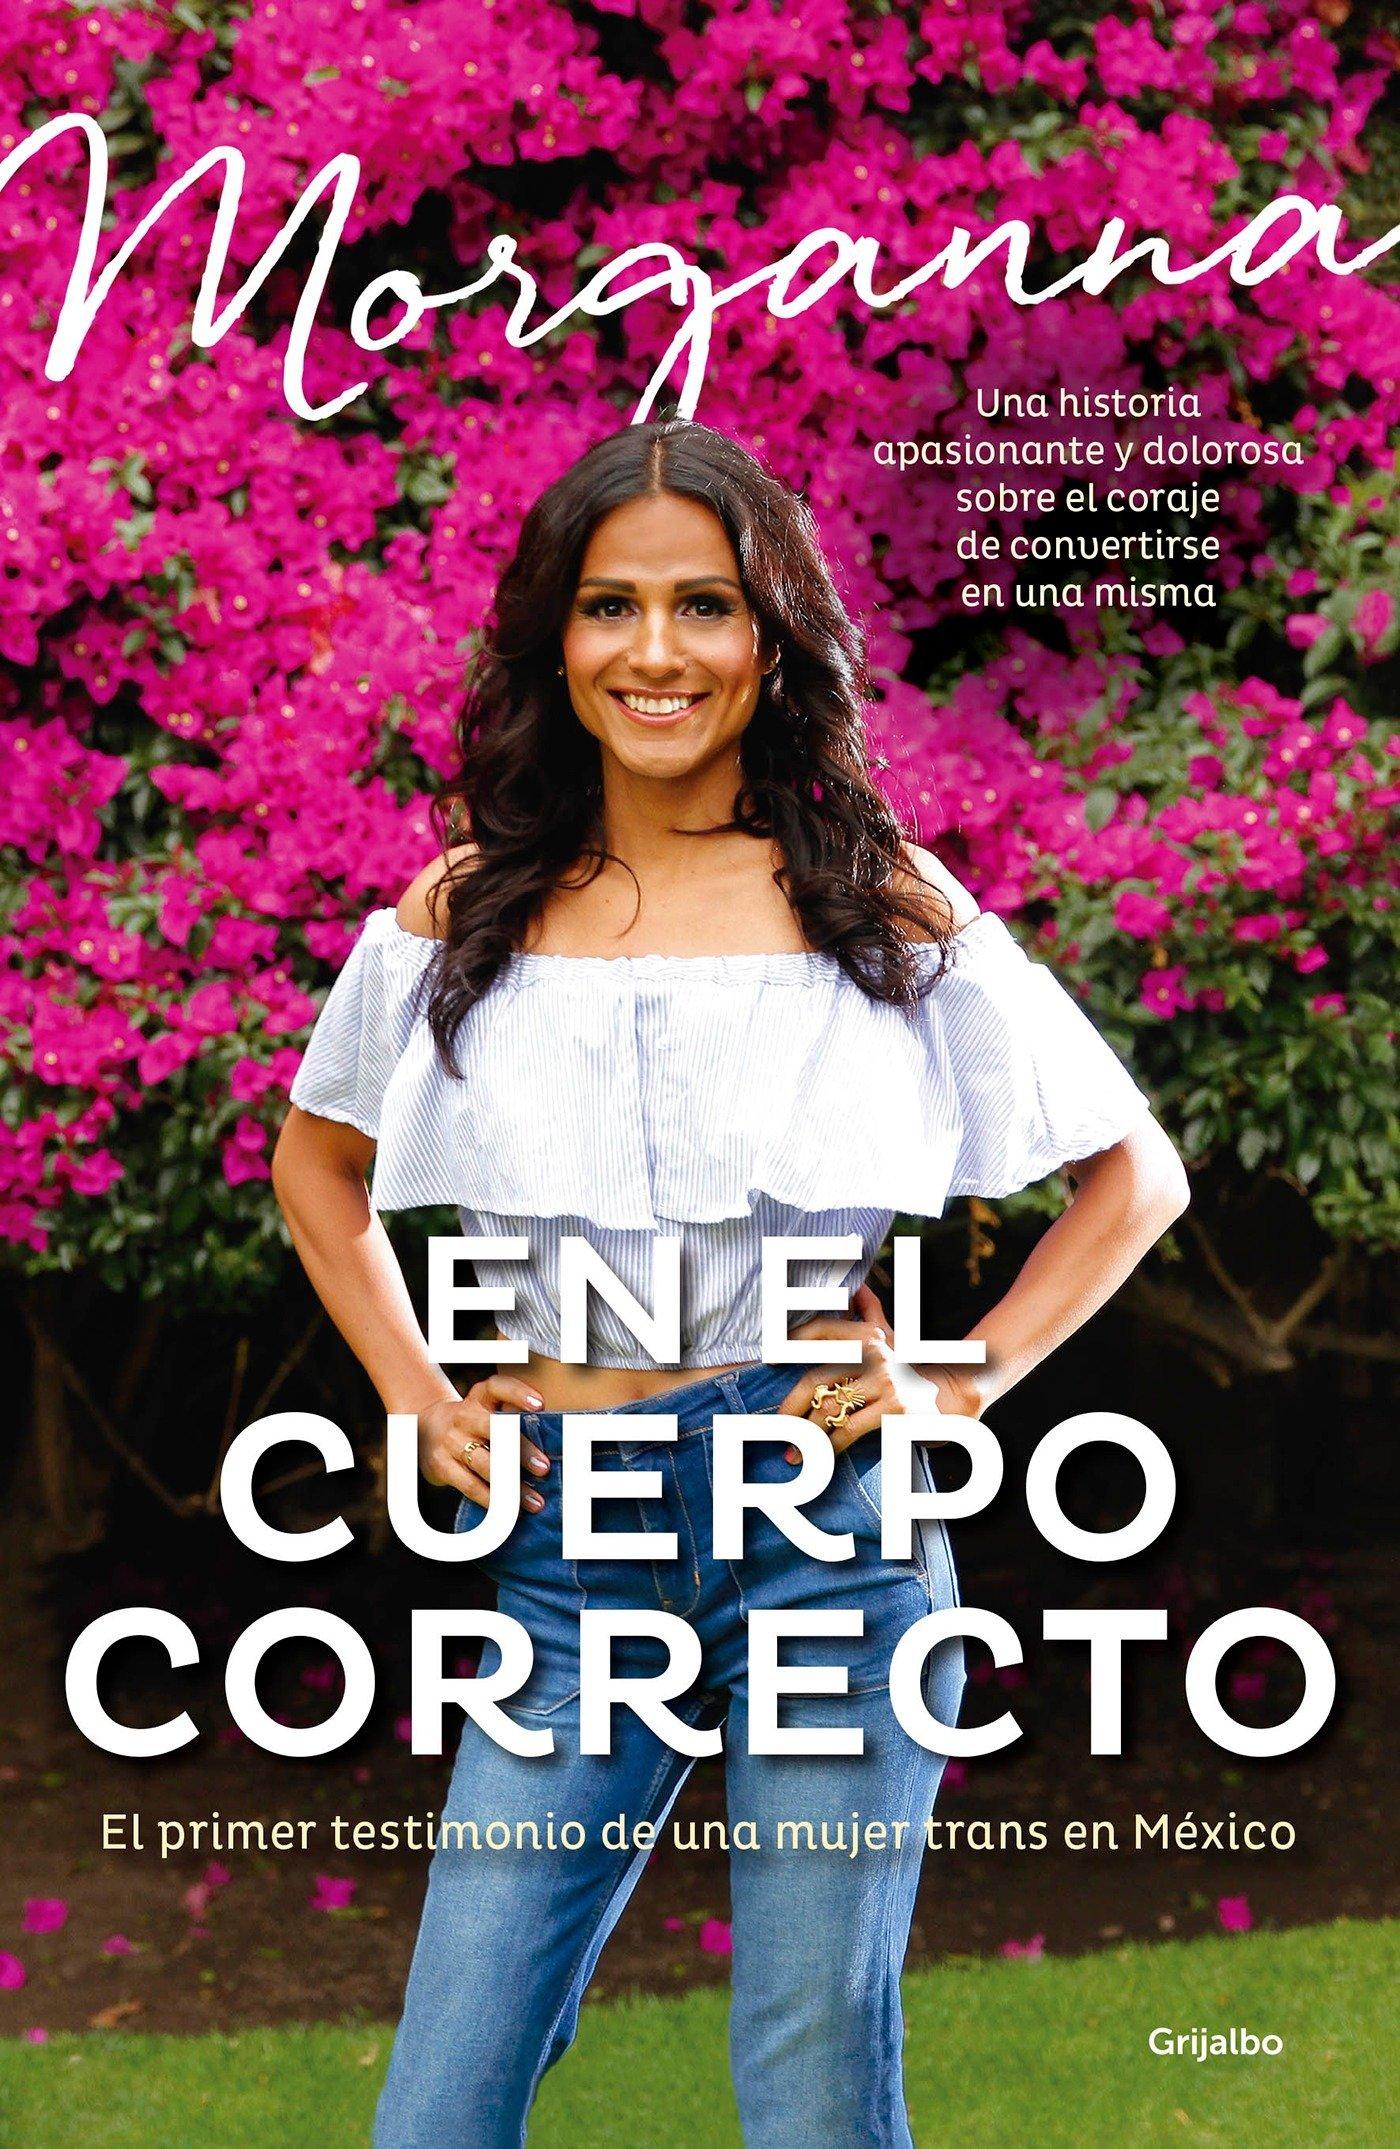 Amazon.com: En el cuerpo correcto: El primer testimonio de una mujer trans en México / Insid e the Body I Was Meant to Have (Spanish Edition) ...